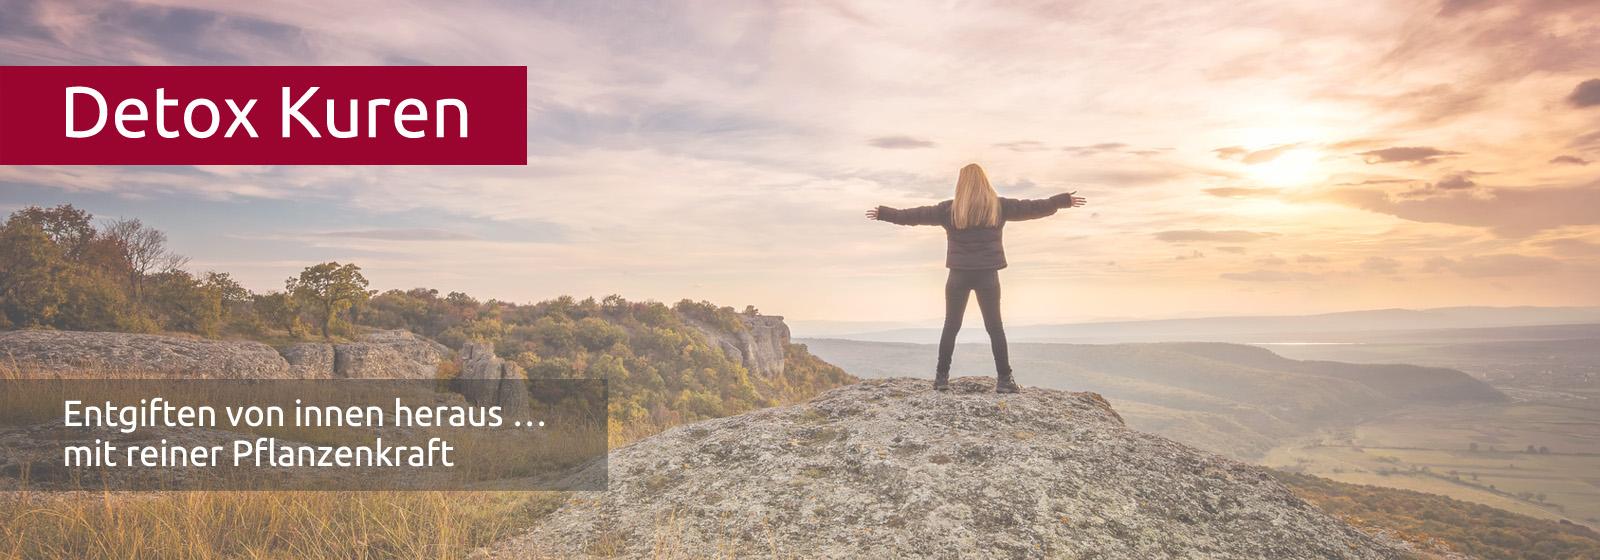 Frau steht mit ausgebreiteten Armen auf einem Berg und schaut auf den Sonnenuntergang in der Ferne